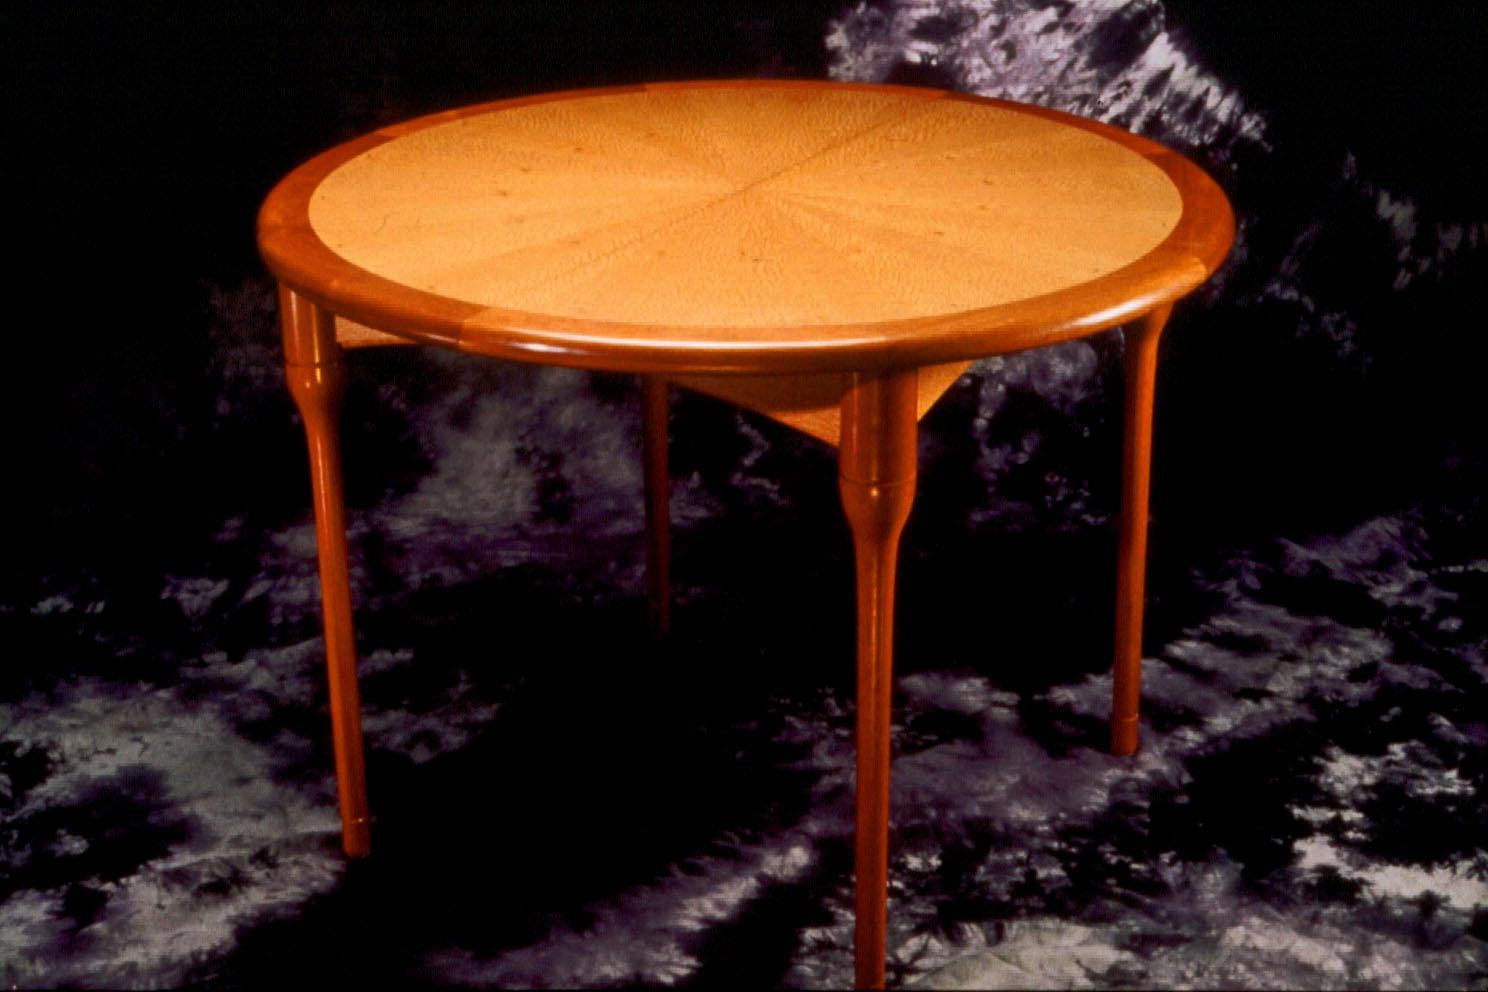 Lacewood & Mahogany Table